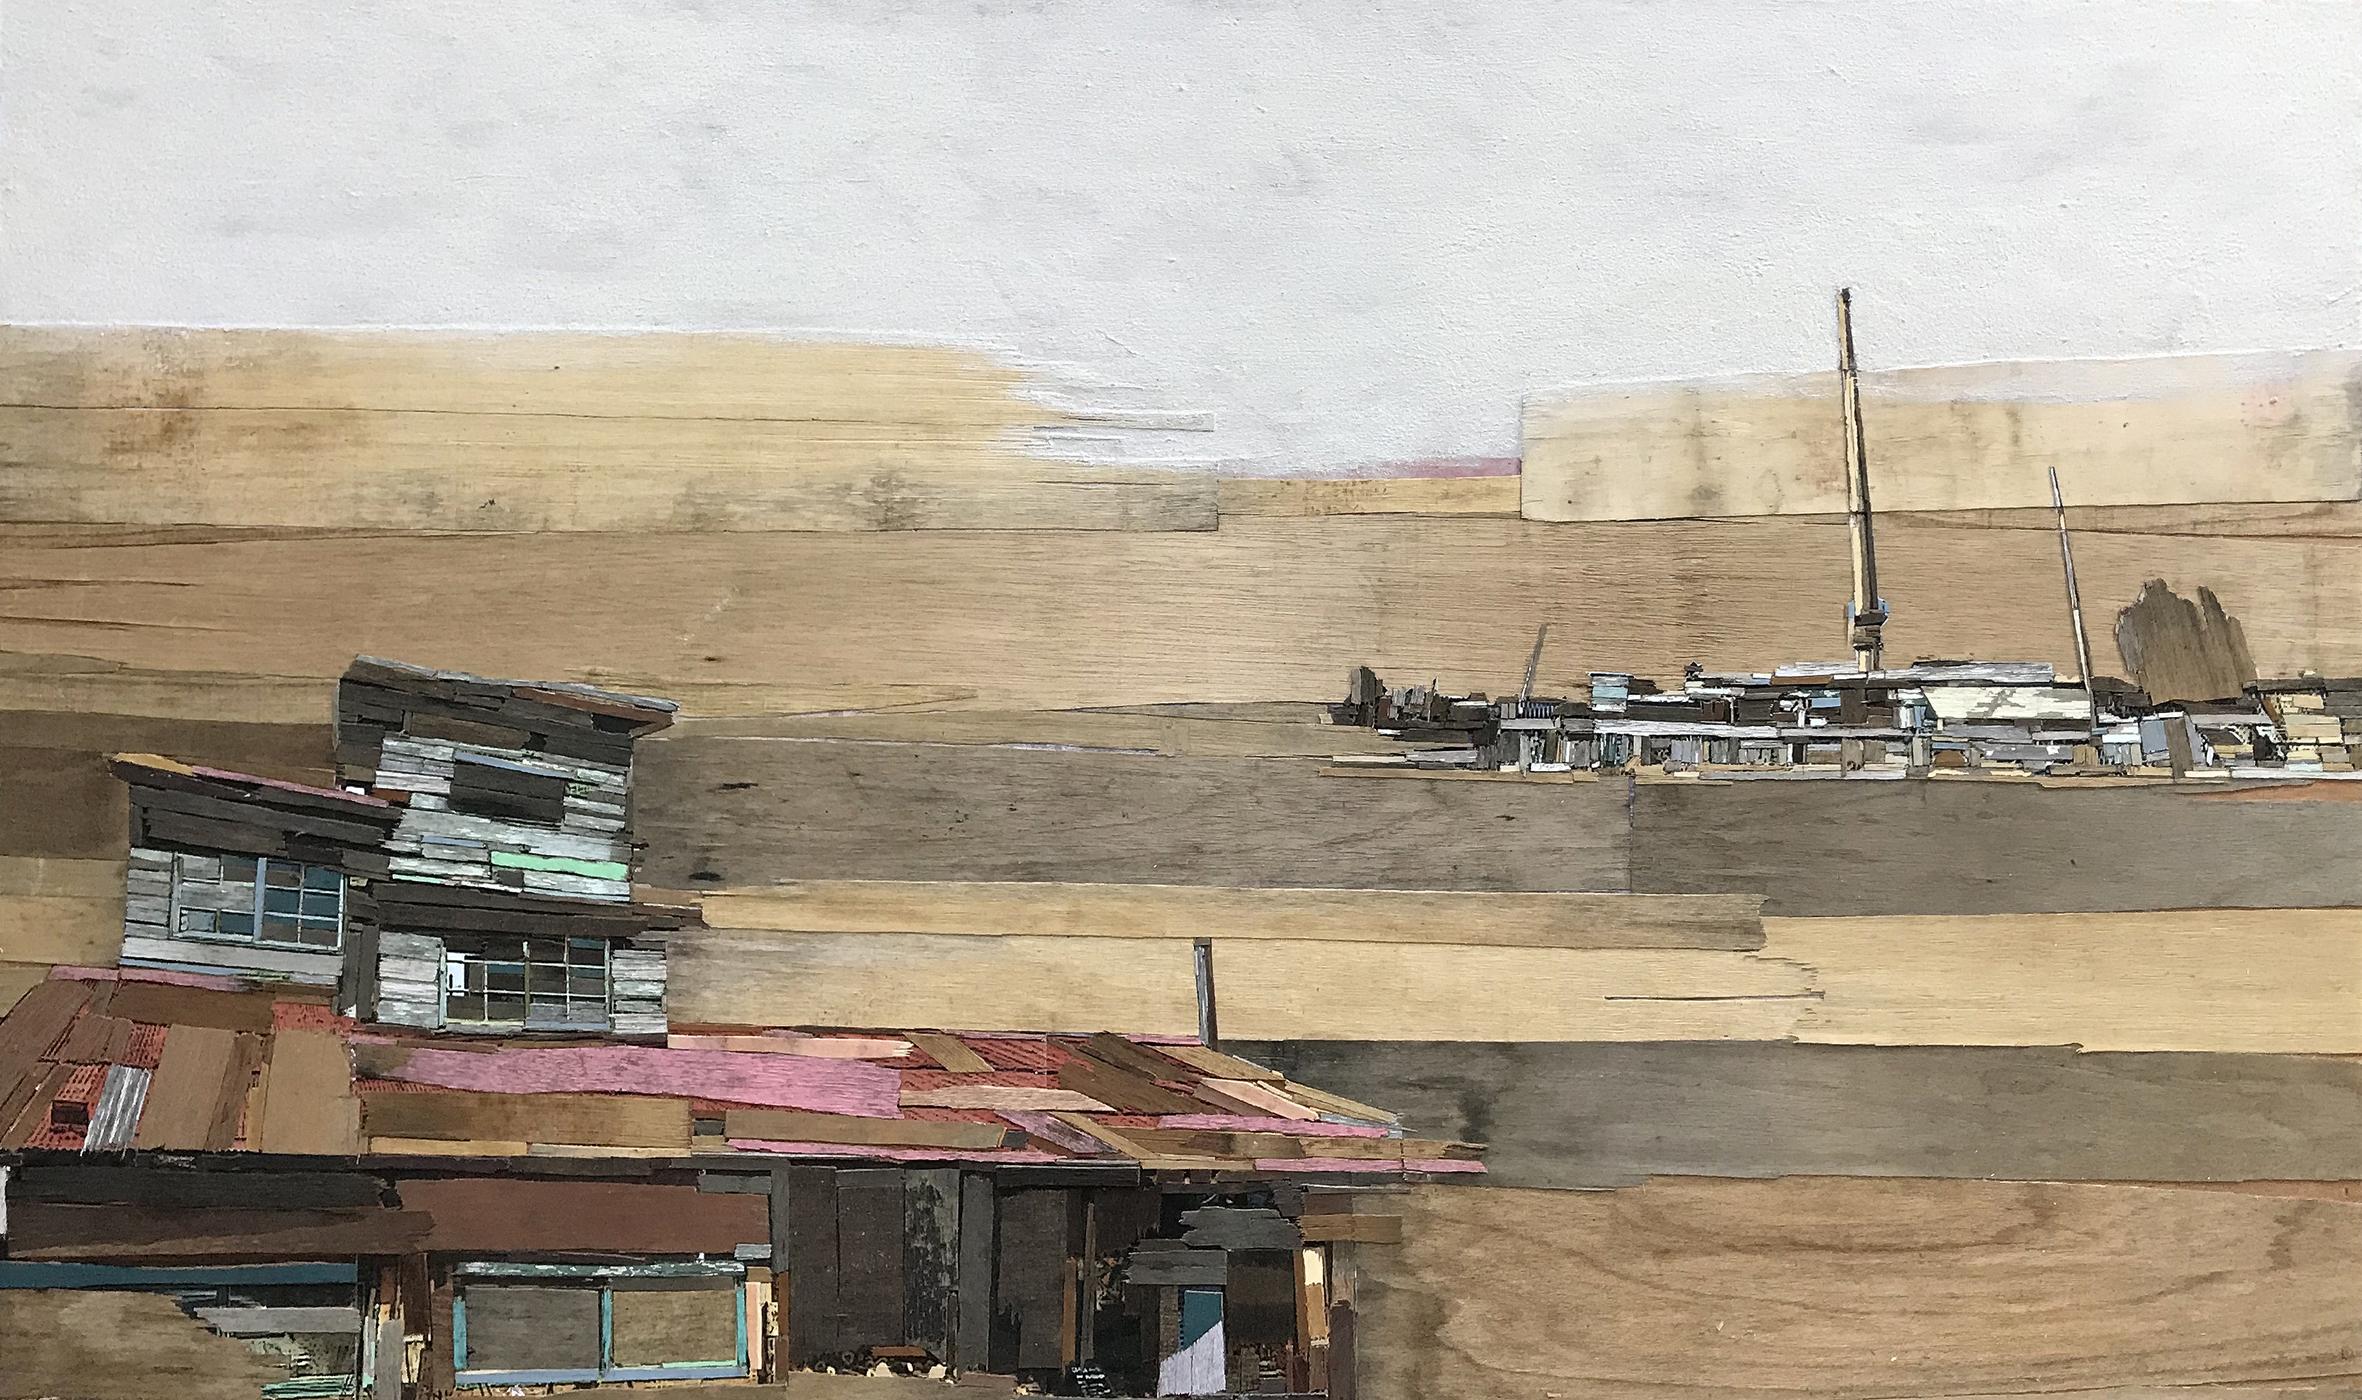 005, 이부강, trace skyline (정미소887), 130 x